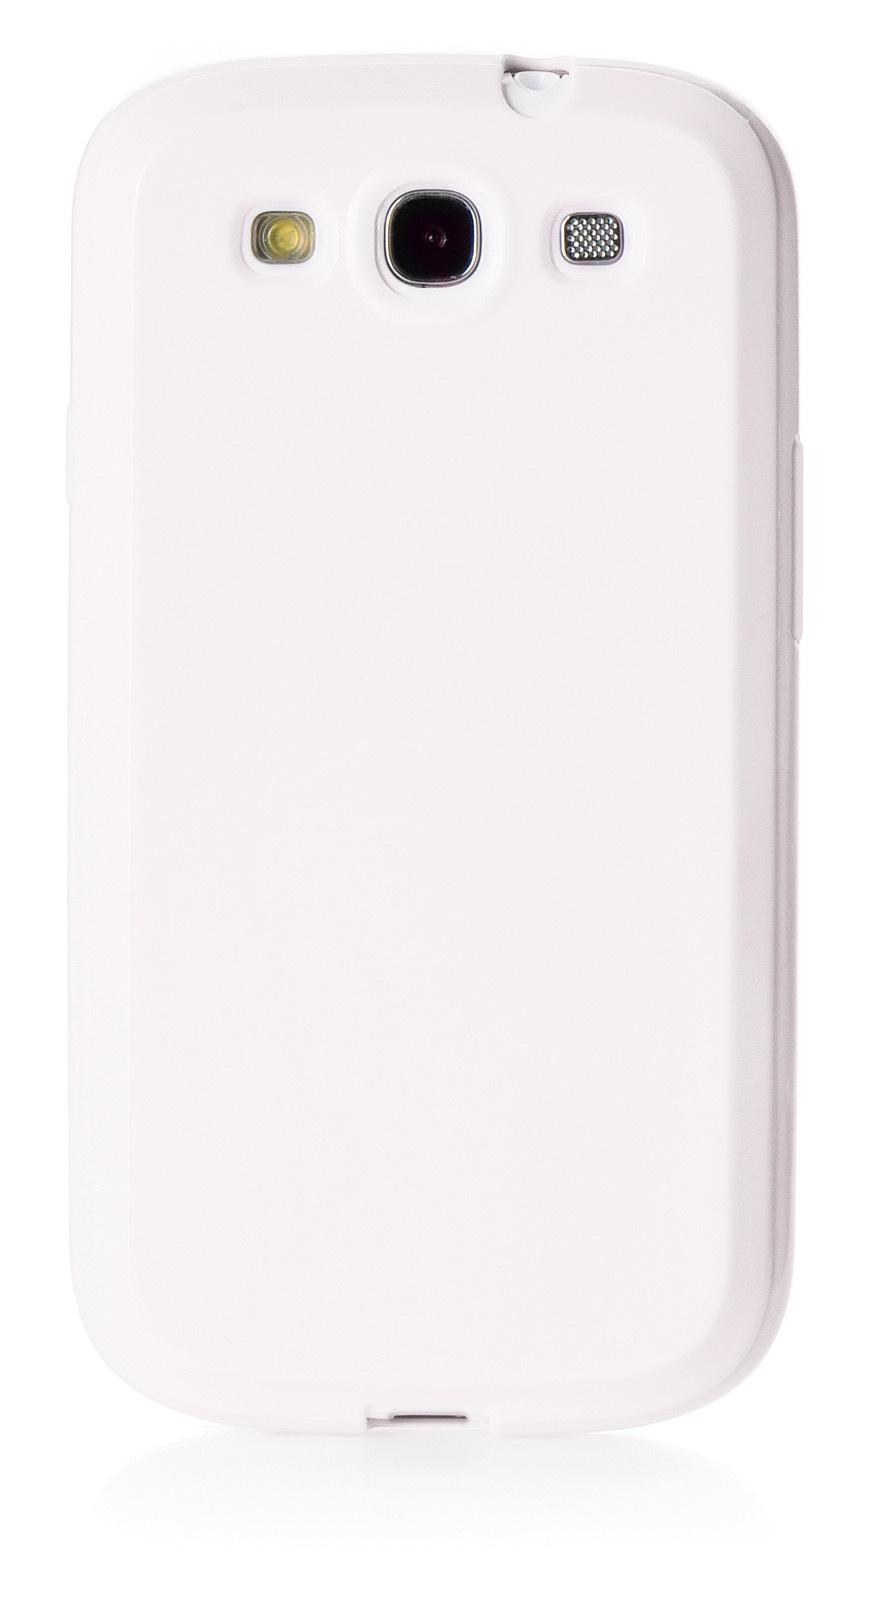 Чехол для сотового телефона iNeez накладка силикон мыльница 380346 для Samsung Galaxy S3, белый